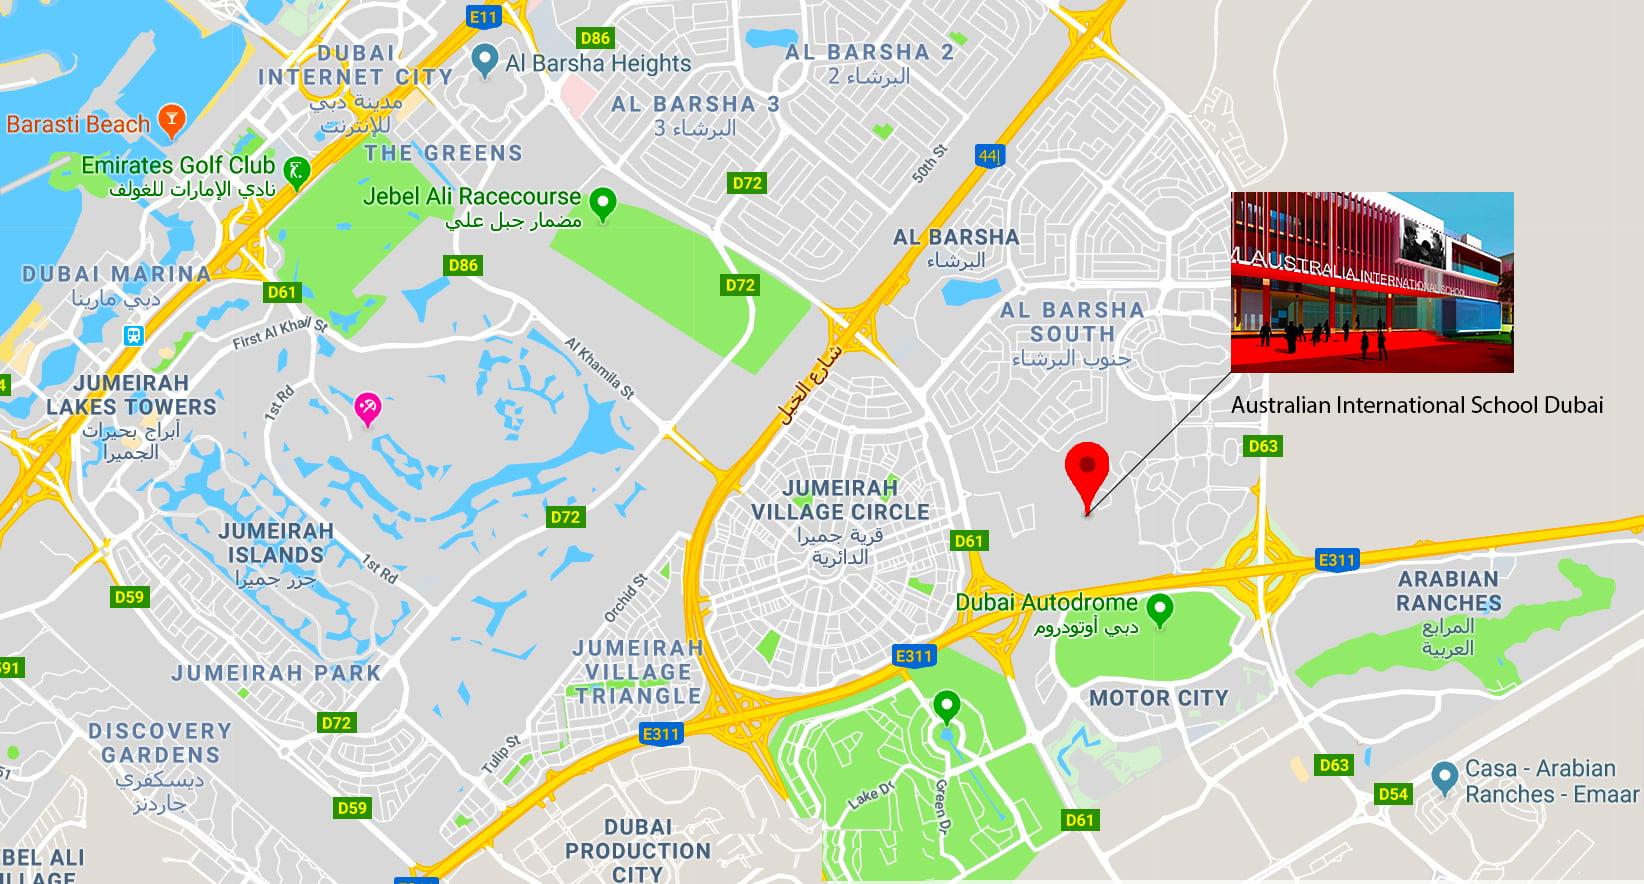 Ang mapa na nagpapakita ng lokasyon ng bagong Australian International School sa Al Barsha Dubai